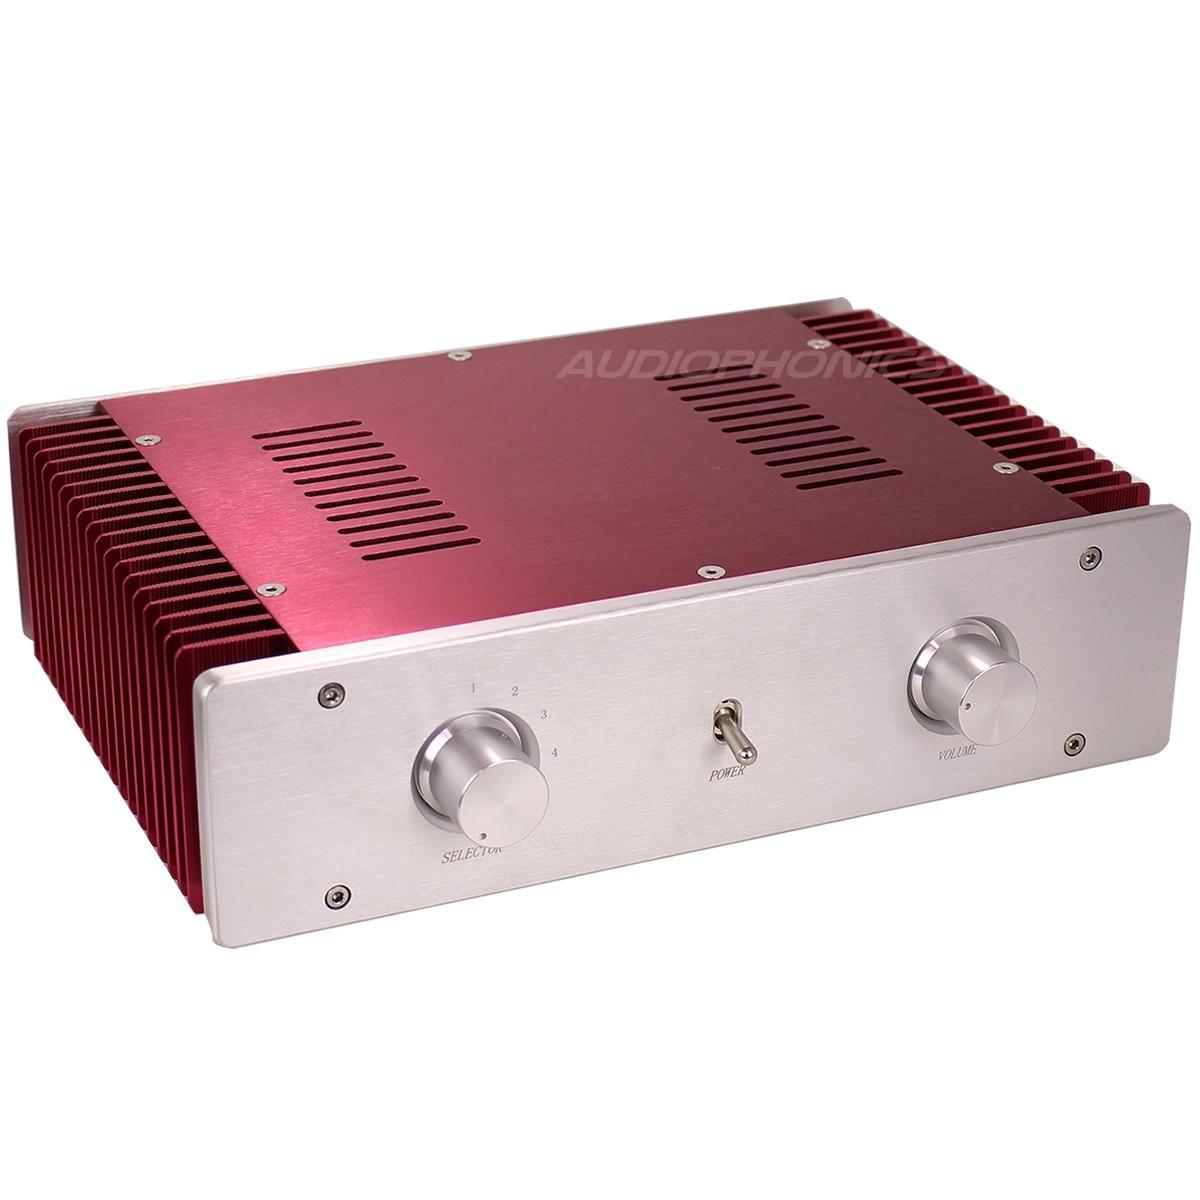 Boitier DIY Amplificateur Intégré 100% Aluminium 300x211x80mm